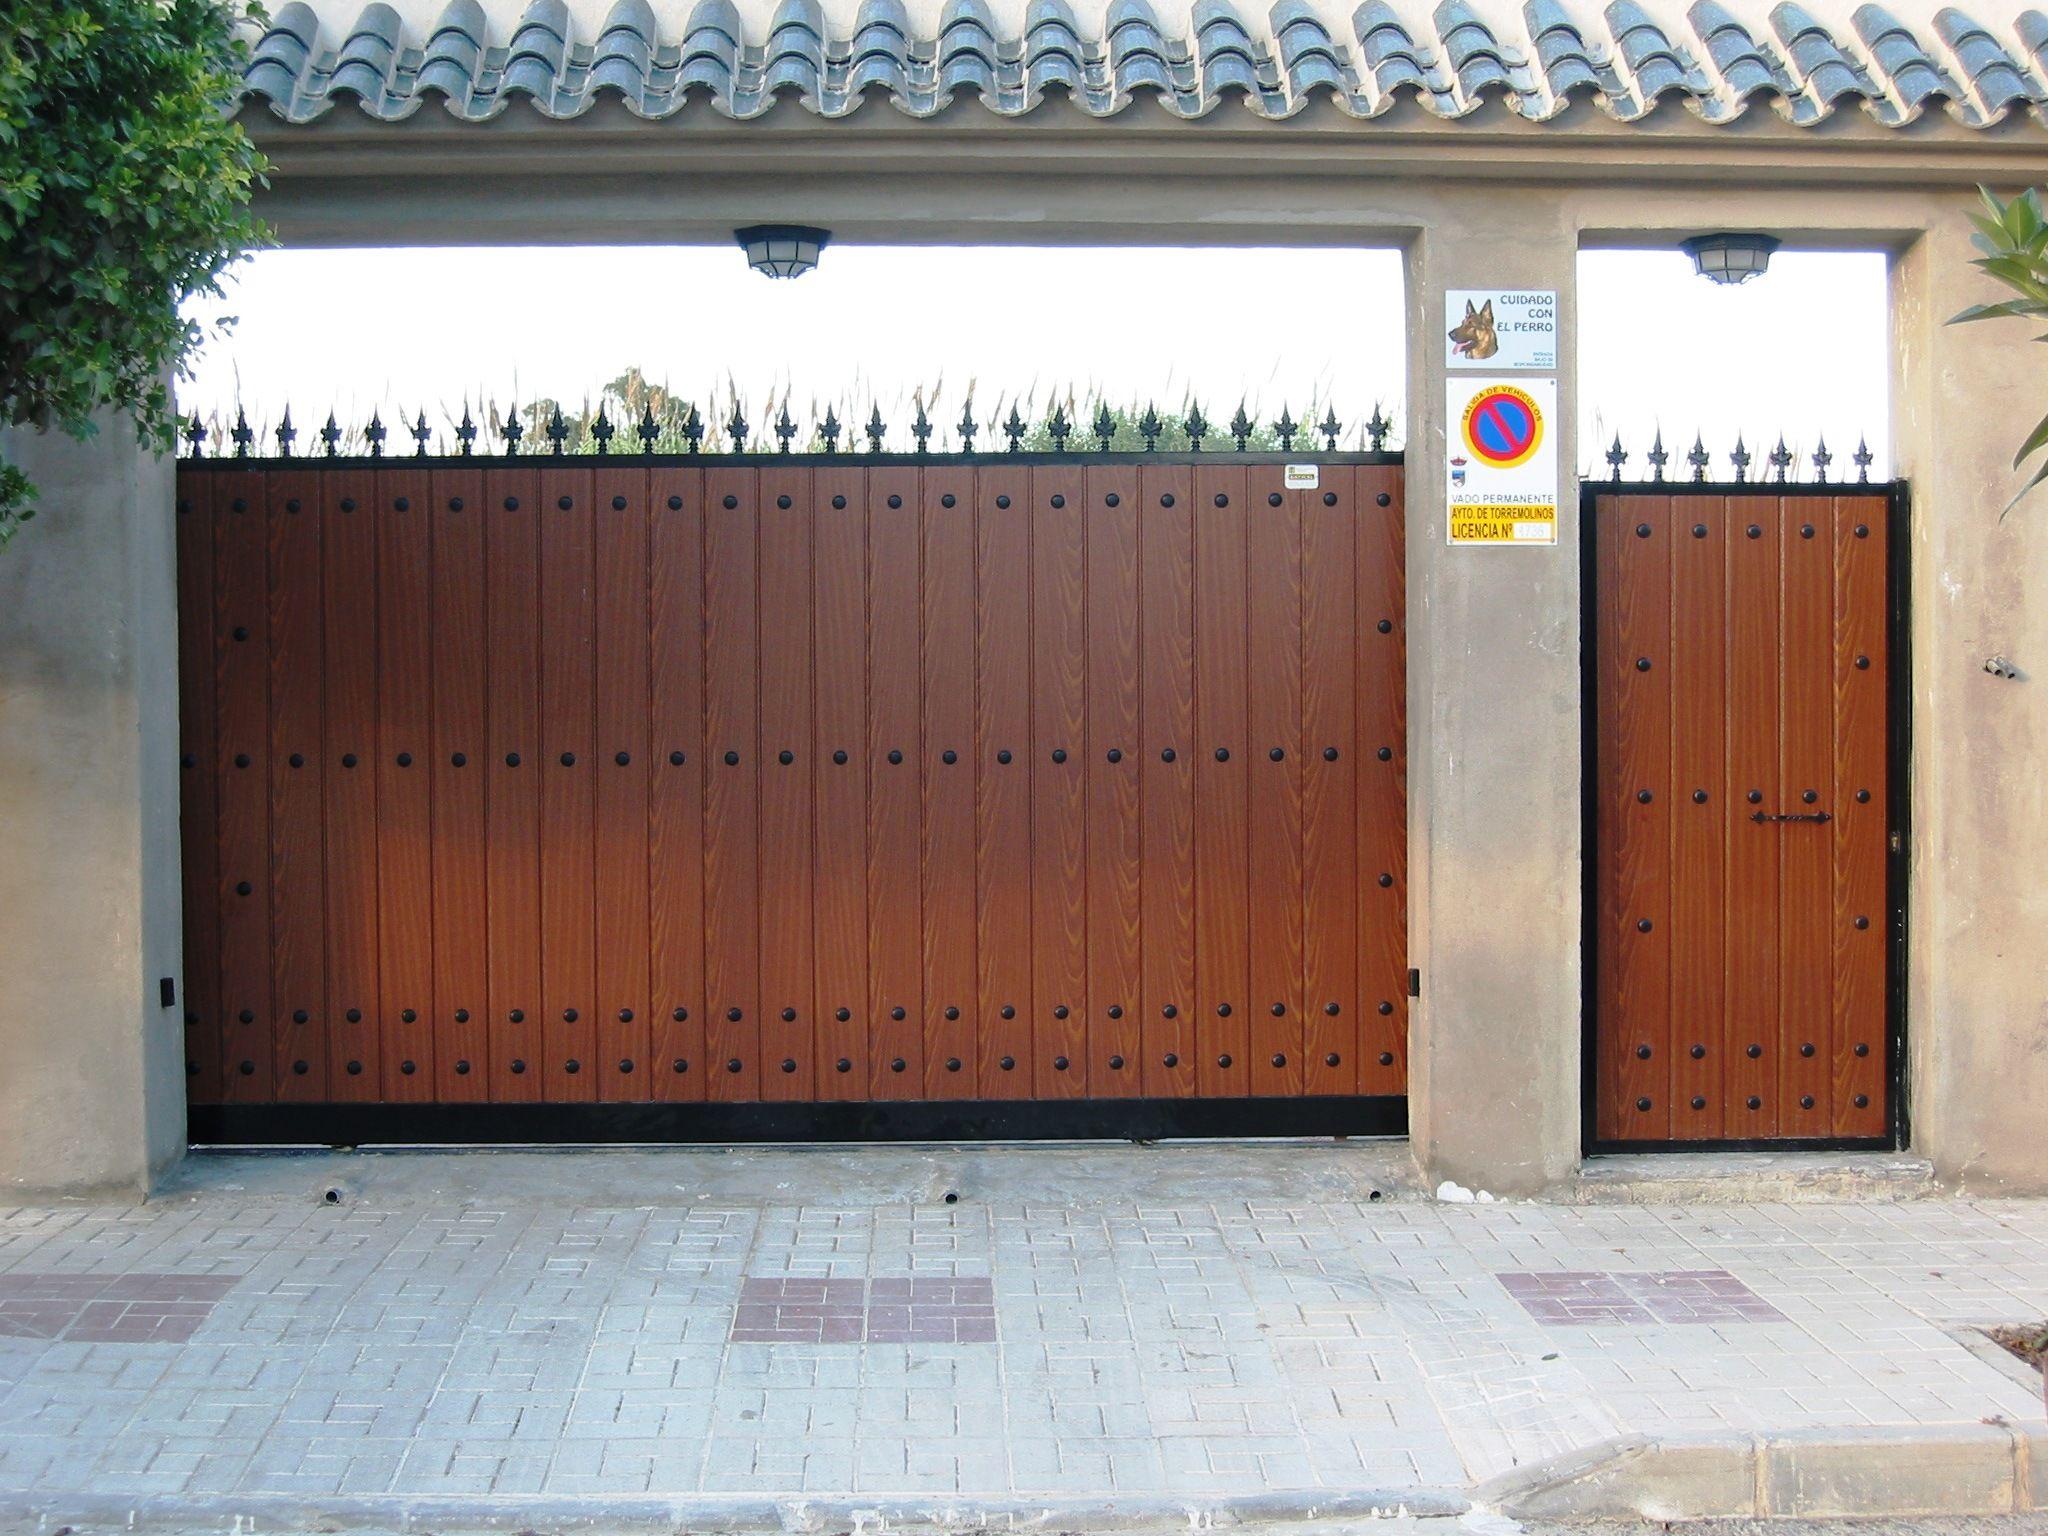 Puerta corredera y abatible de madera con clavos y lanzas